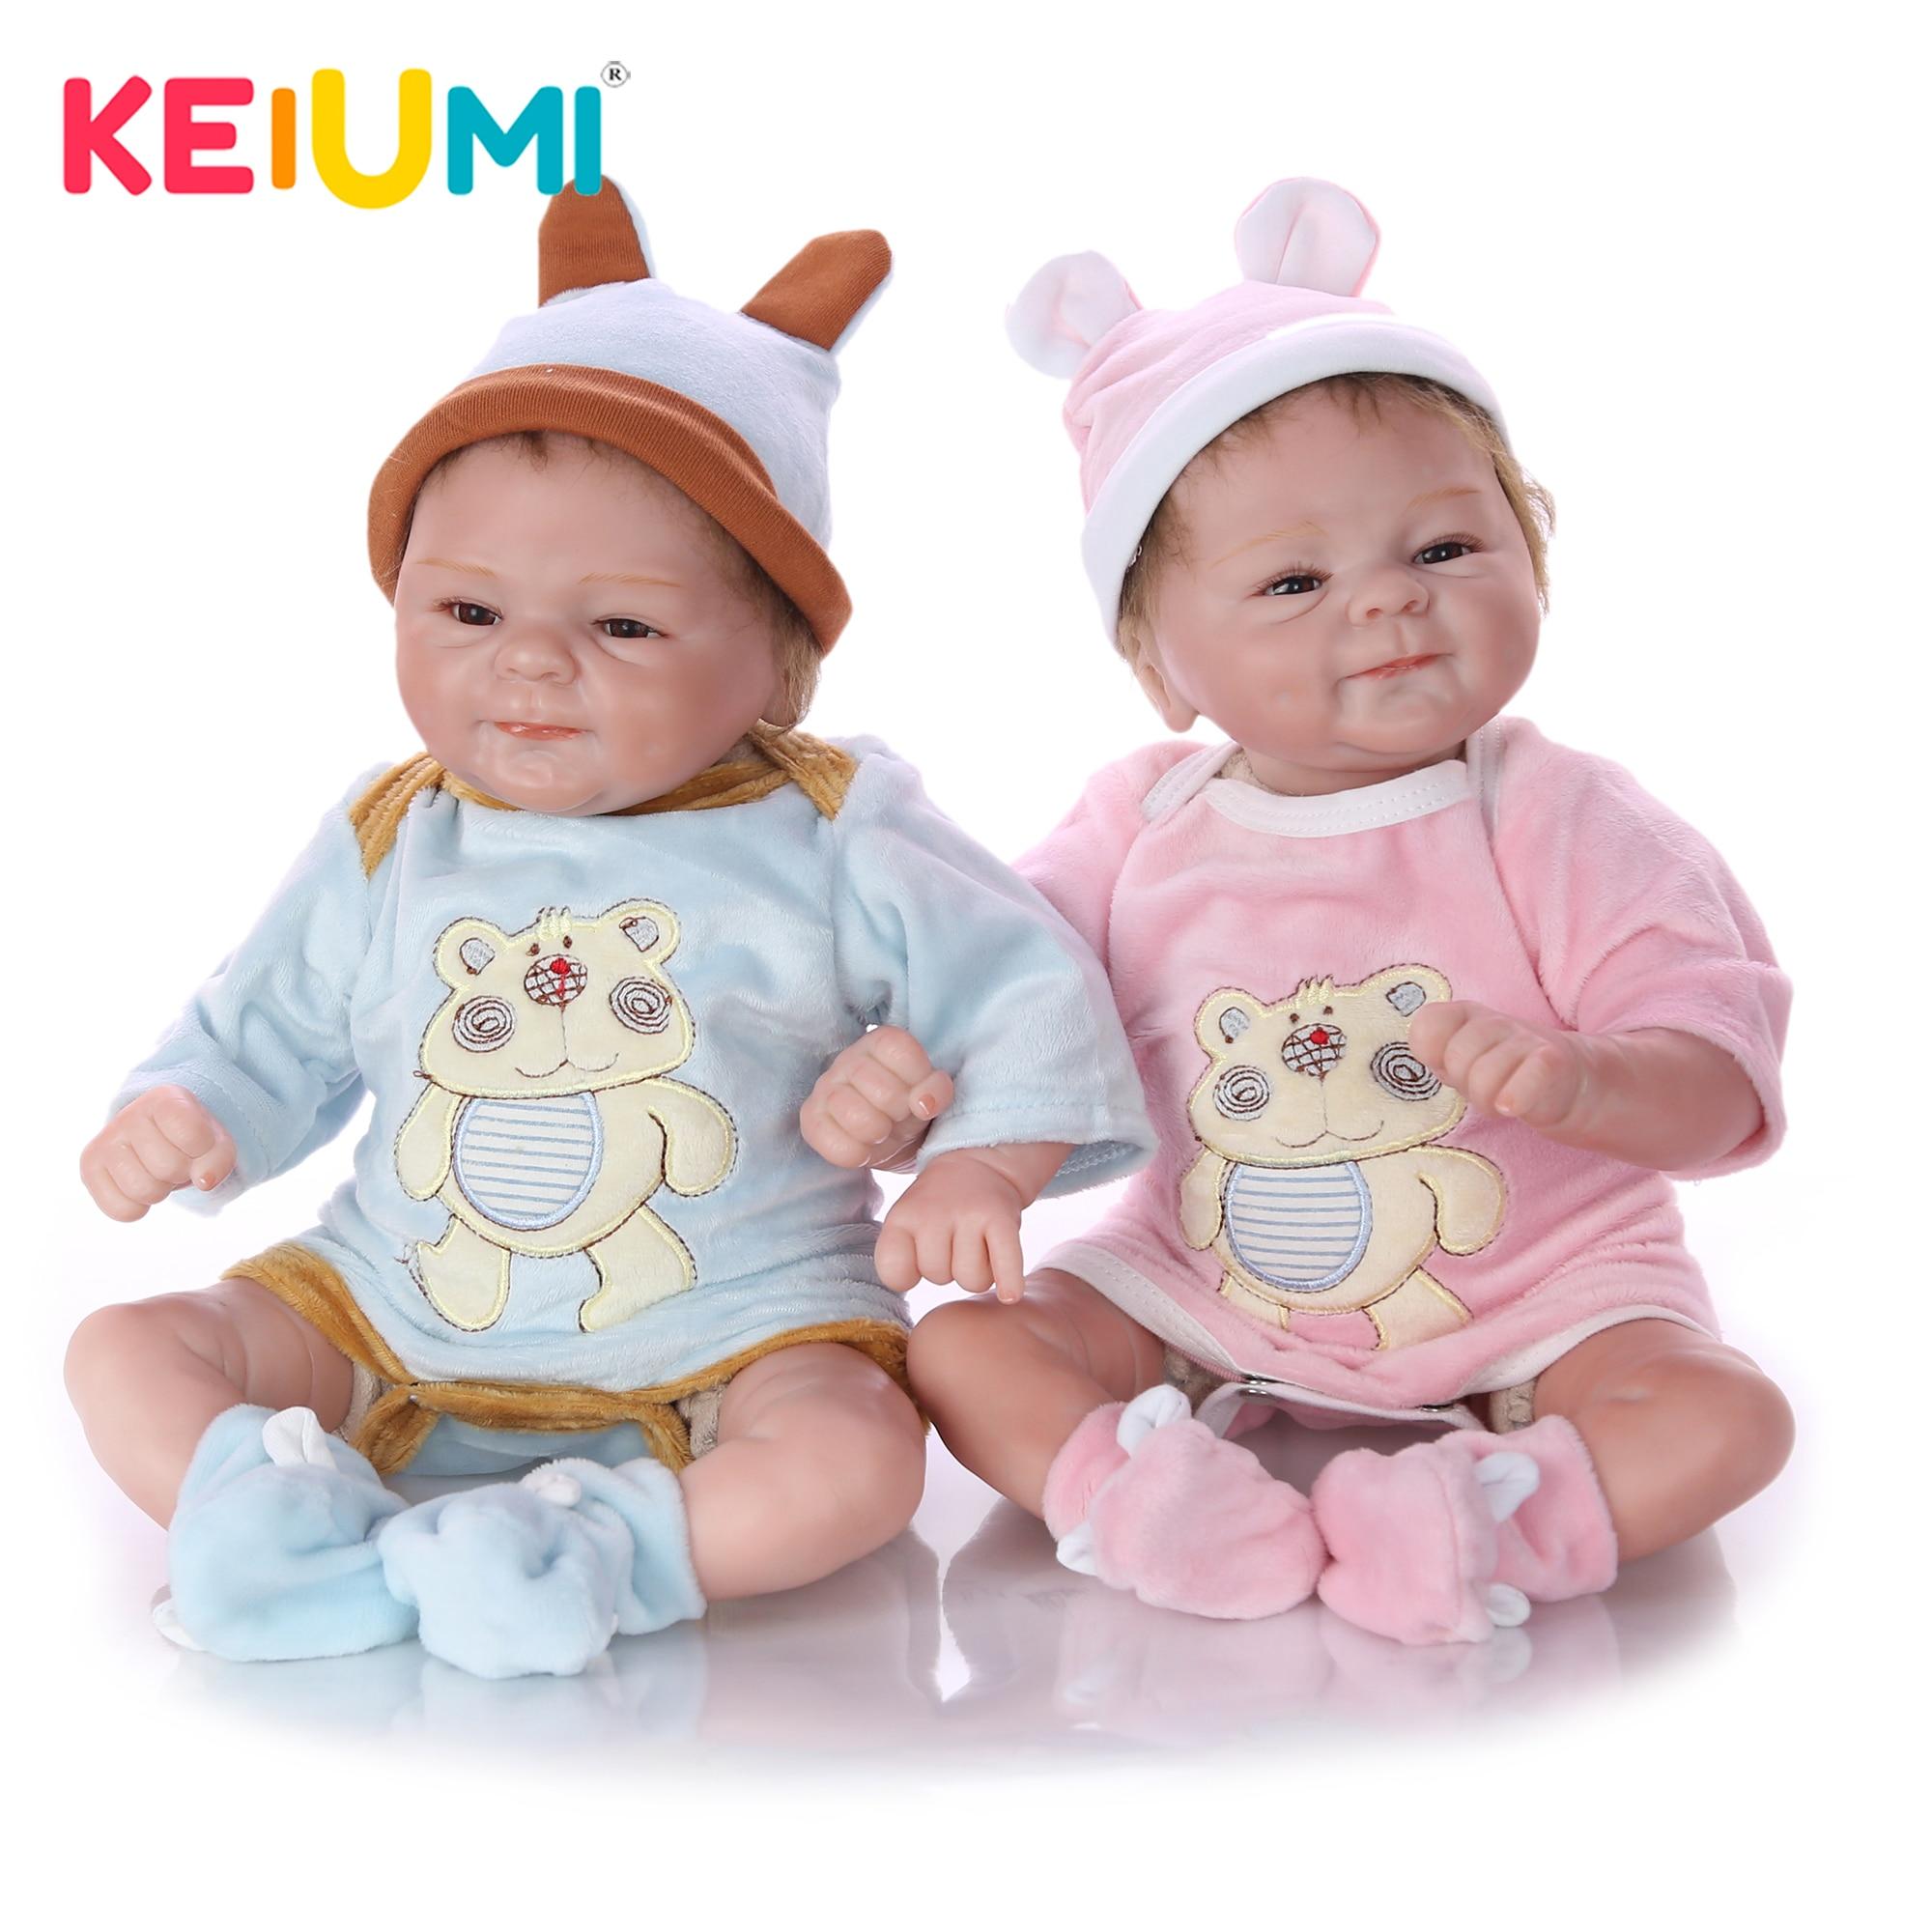 KEIUMI Leuke Twin 17 ''Inch 43 cm Levensechte Reborn Baby Pop Zachte Siliconen Reborn Kleine Baby 'S Speelgoed Voor Kerst geschenken-in Poppen van Speelgoed & Hobbies op  Groep 1